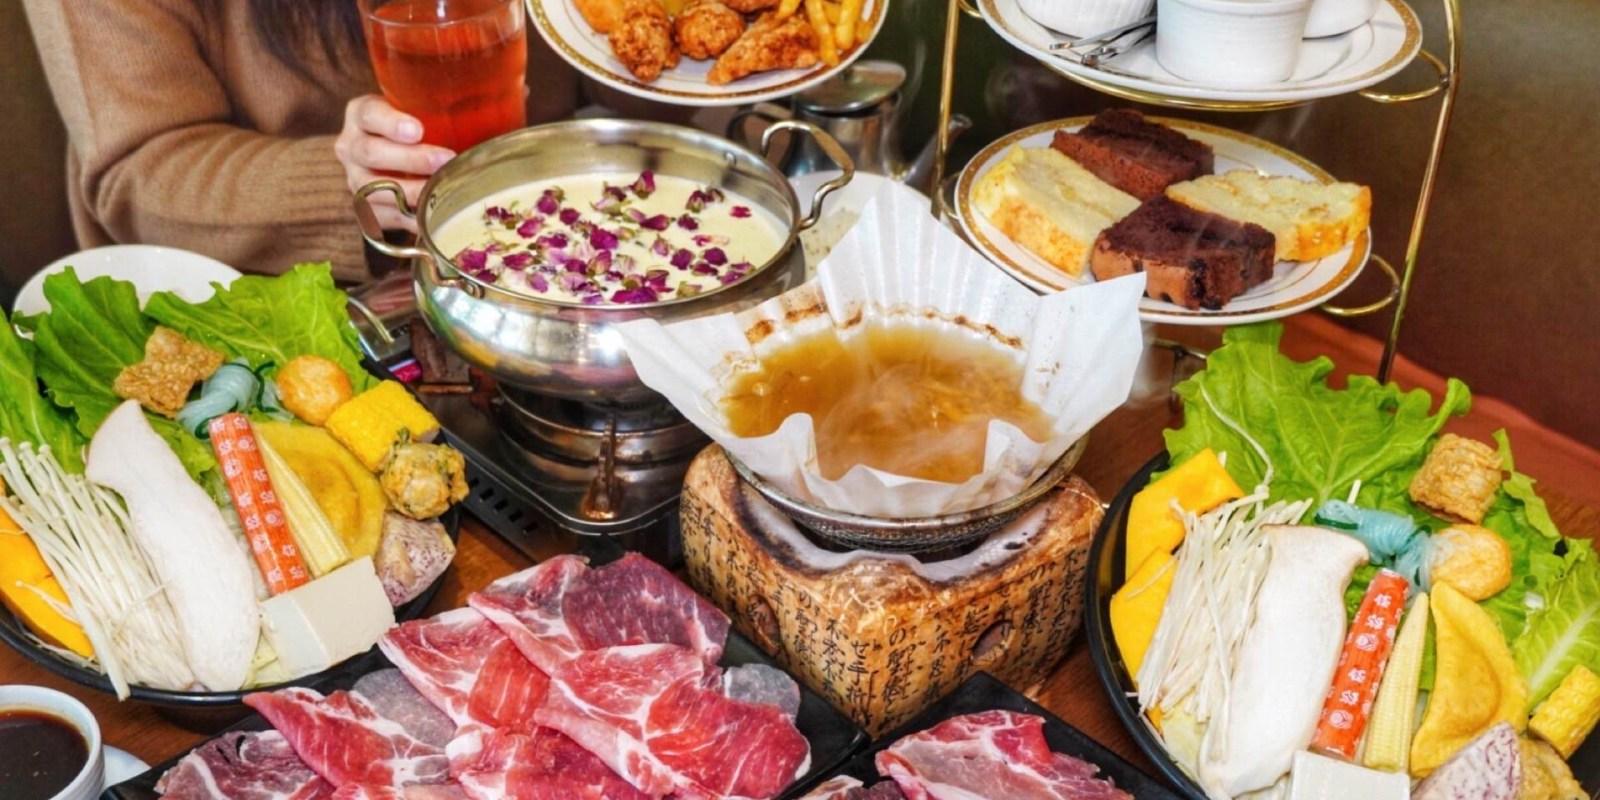 【台南美食】時光秘境 神奇的紙火鍋也太酷!近30種鍋物選擇 平日用餐就送「手作私藏下午茶組合」